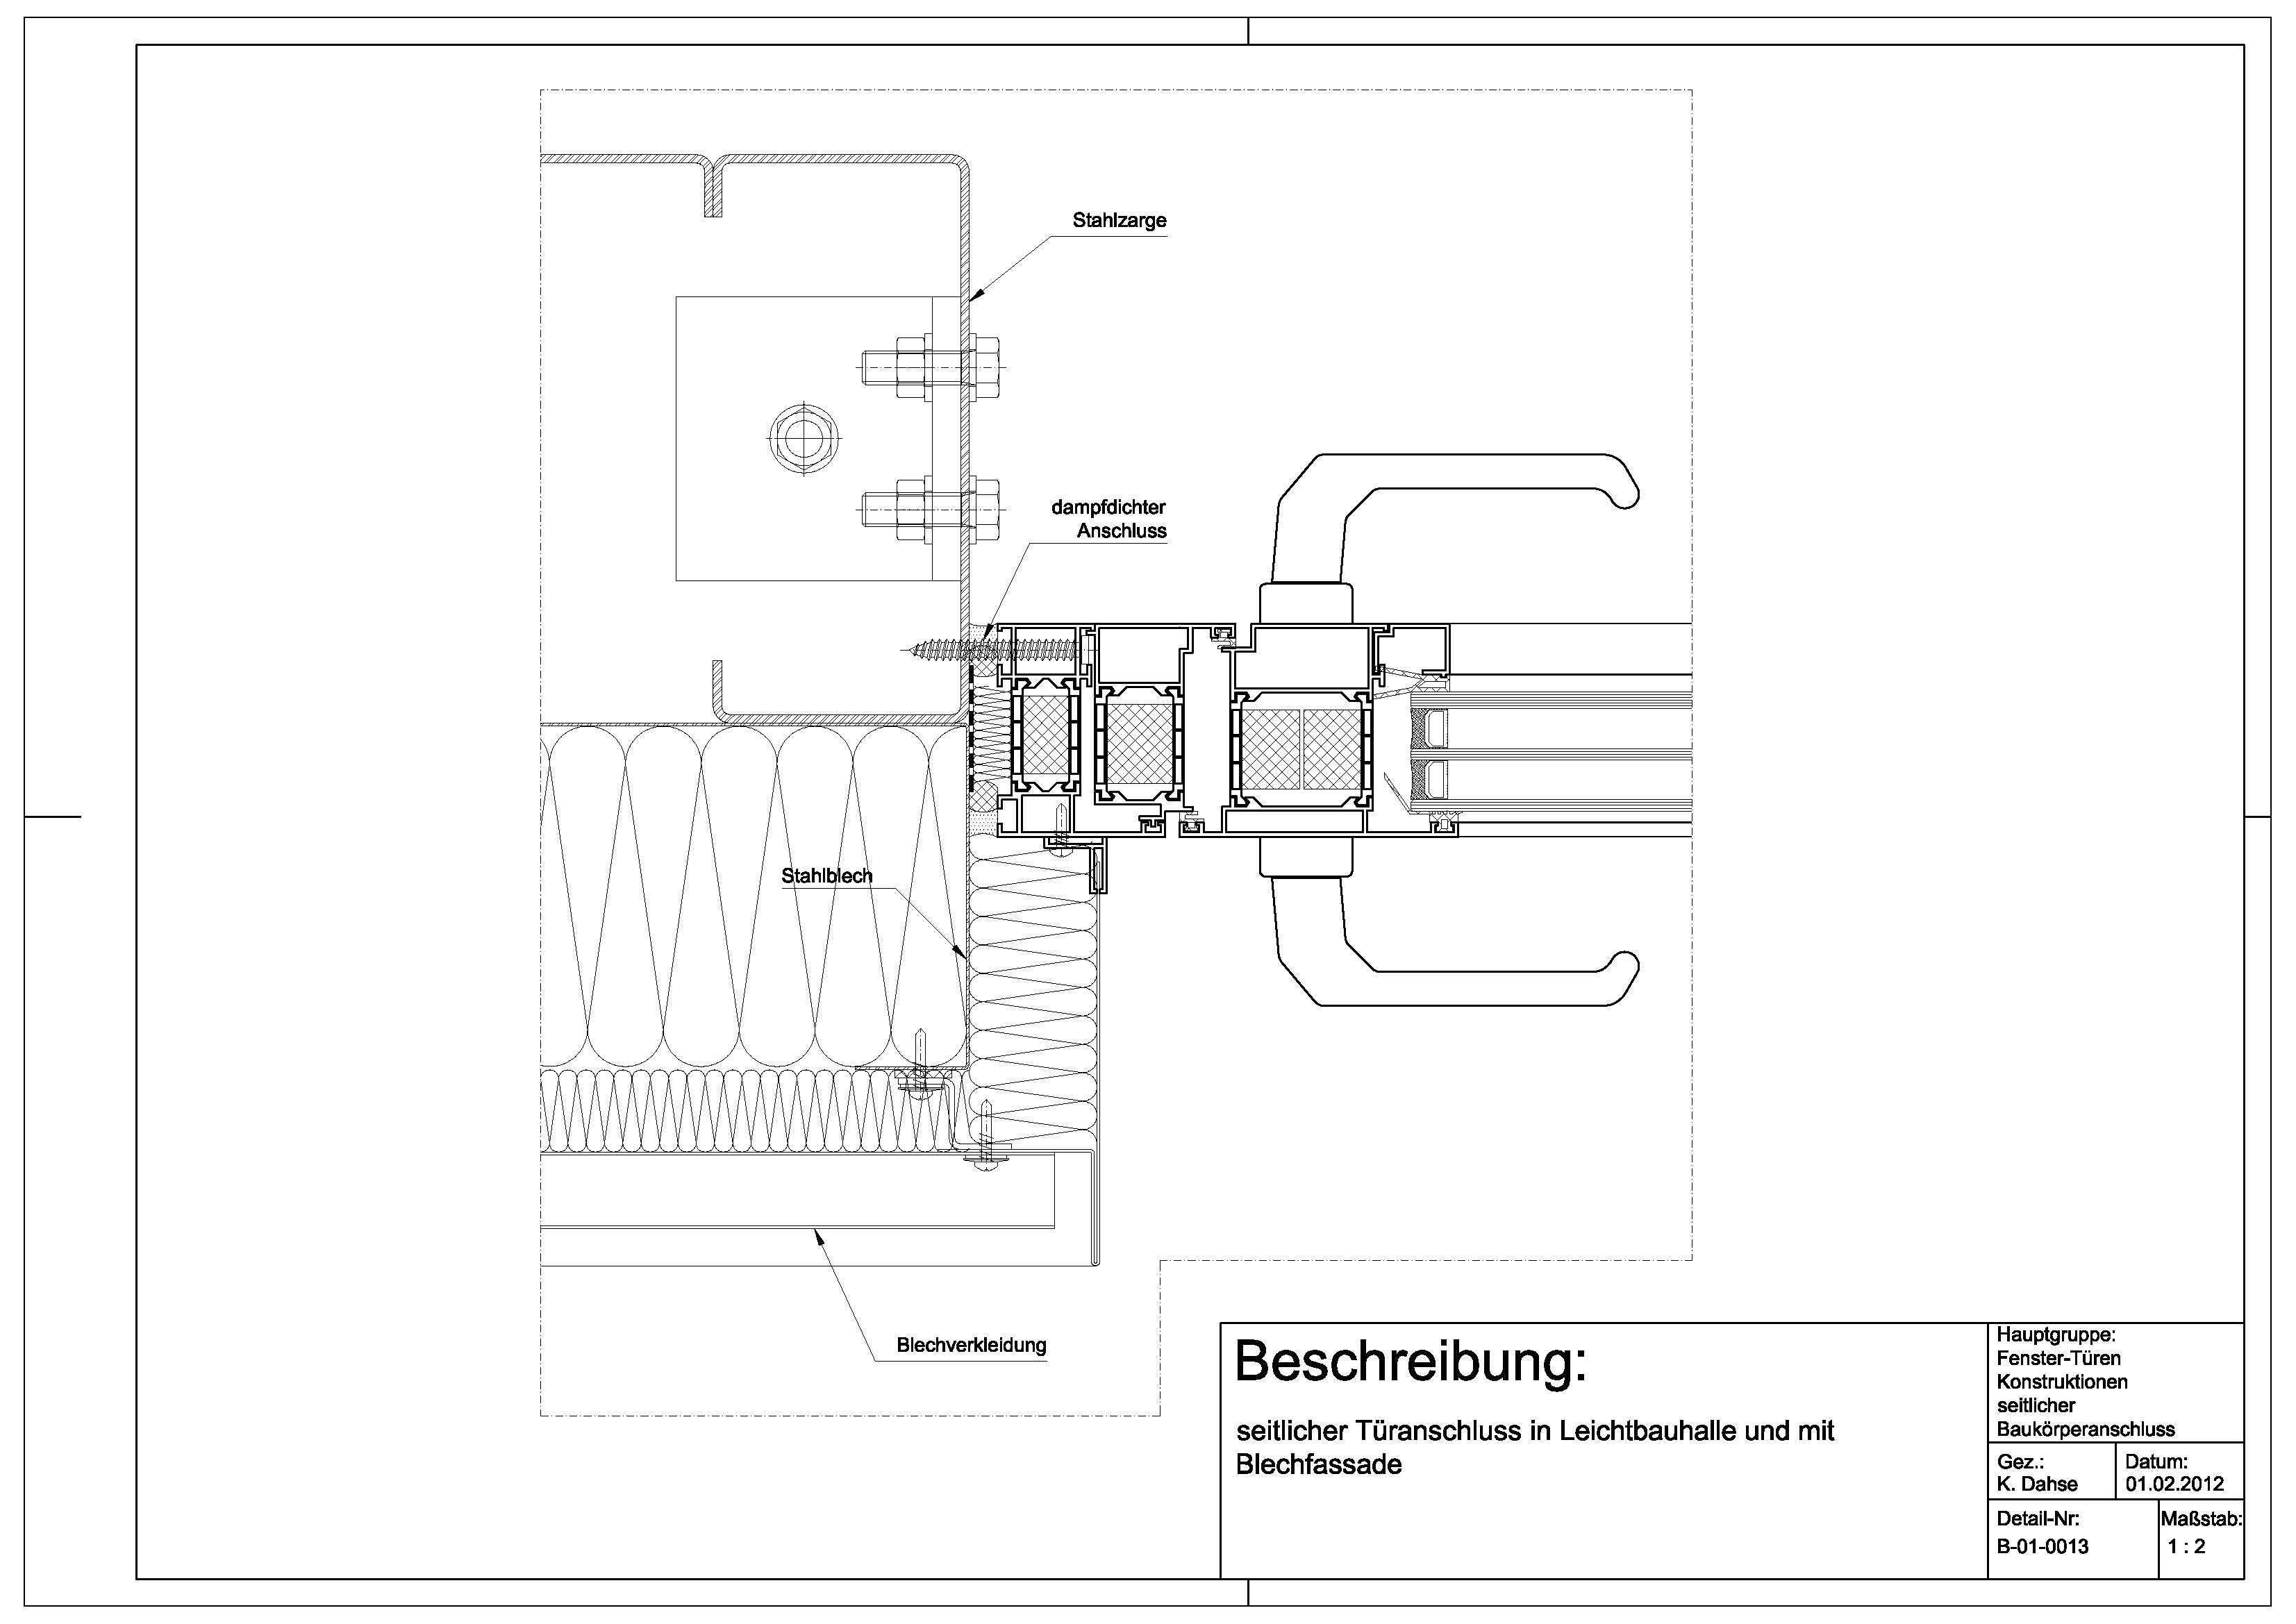 Tür detail anschluss  B-01-0013 Türanschluss in Leichtbauhalle und an Blechfassade ...